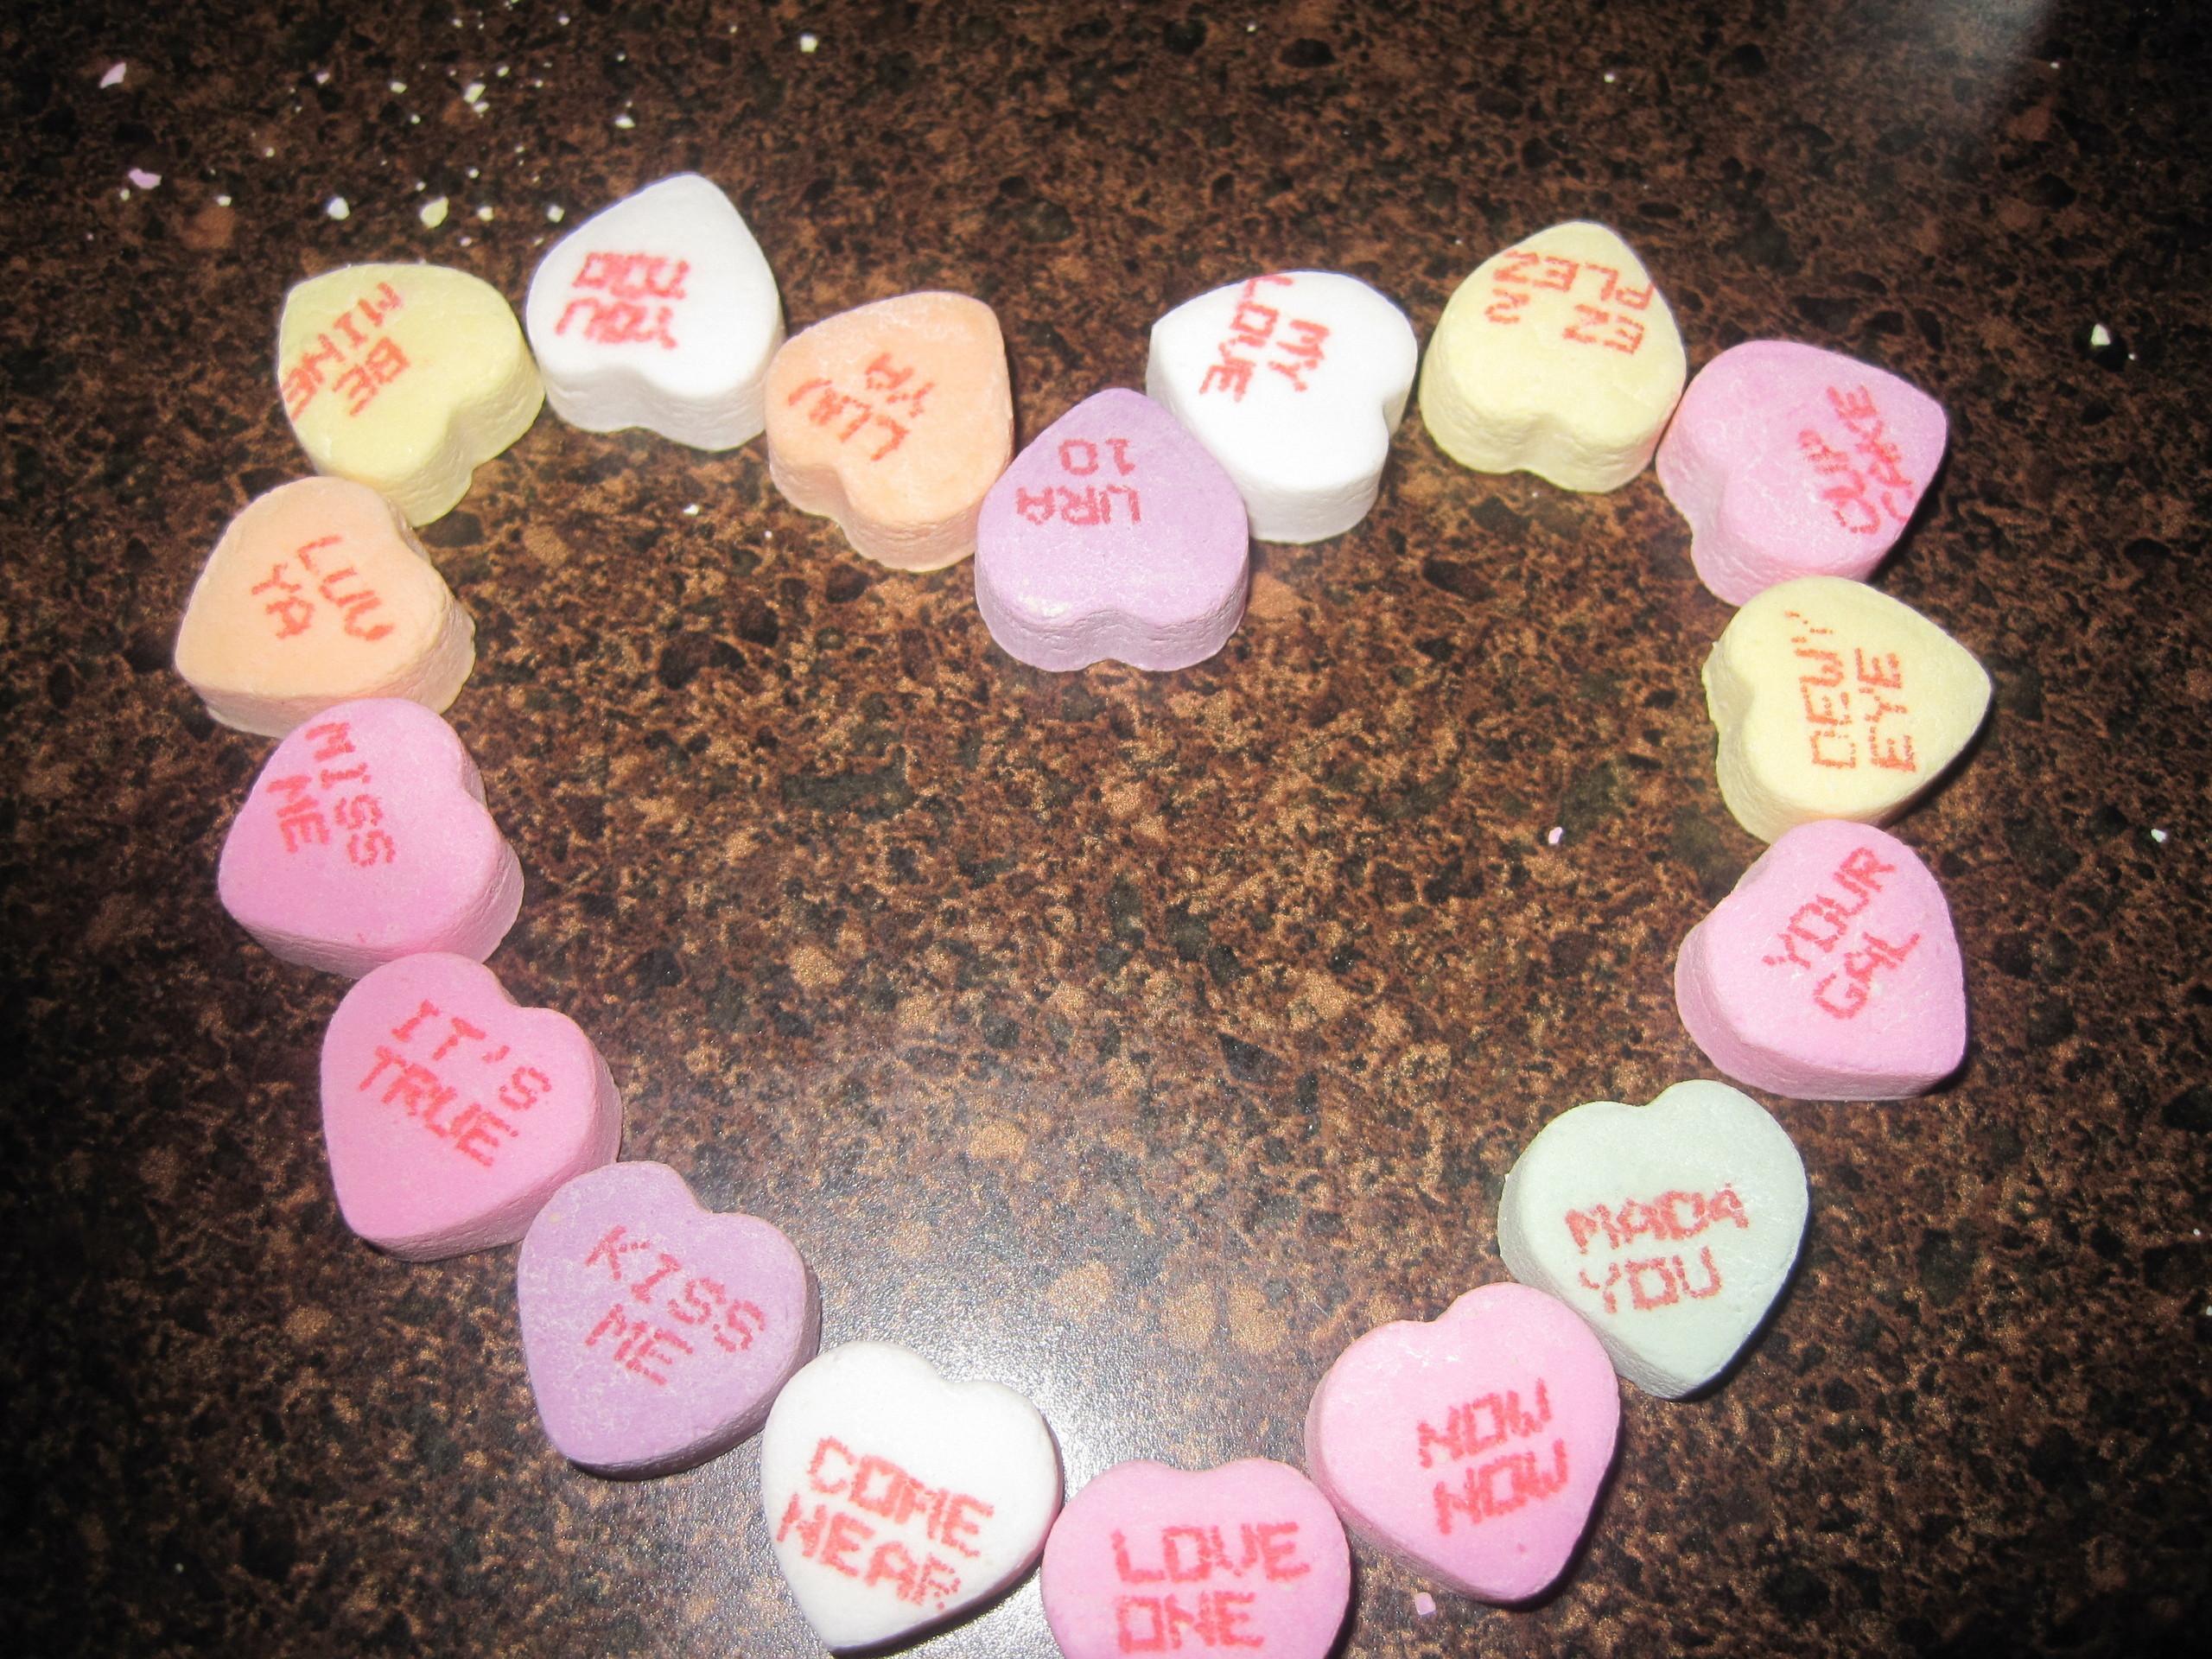 happy valentines دن bree